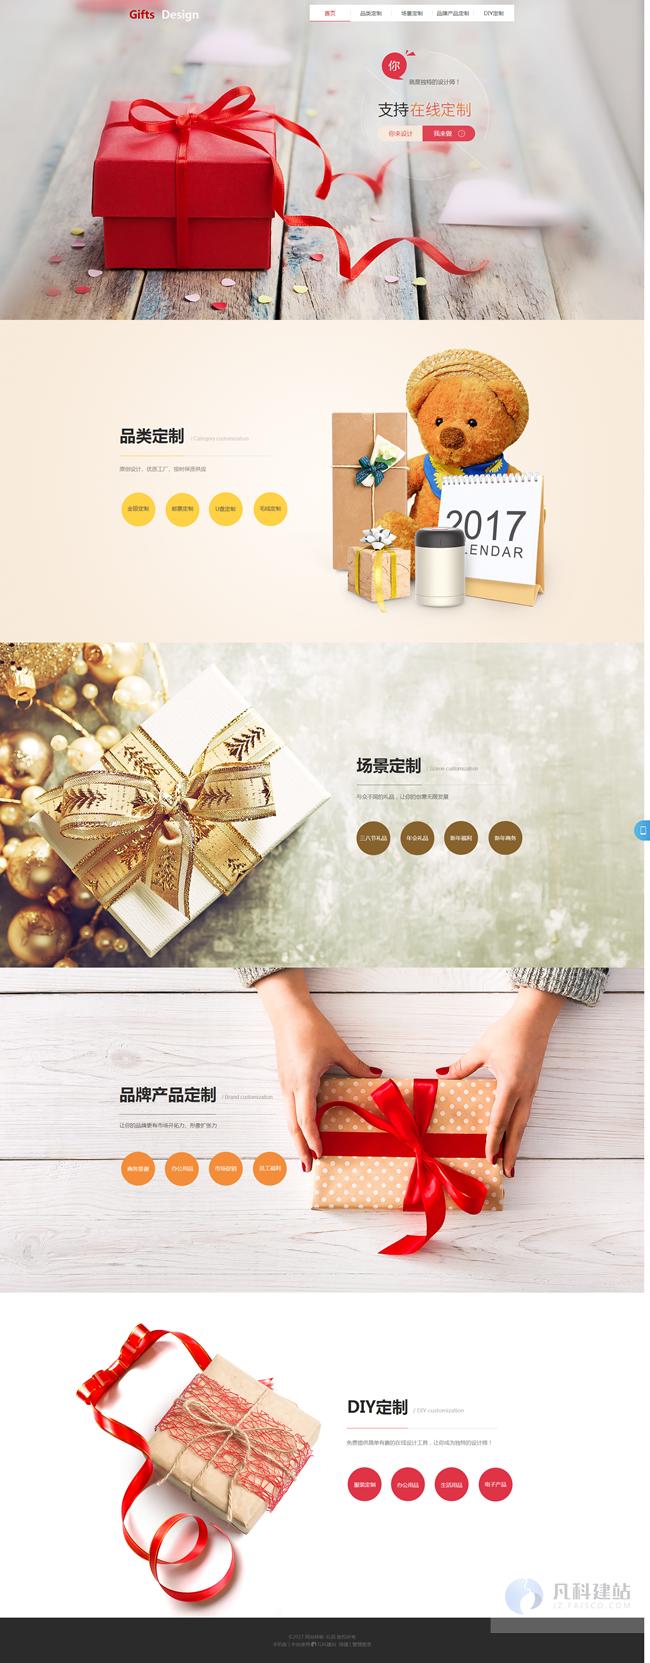 网站颜色配置